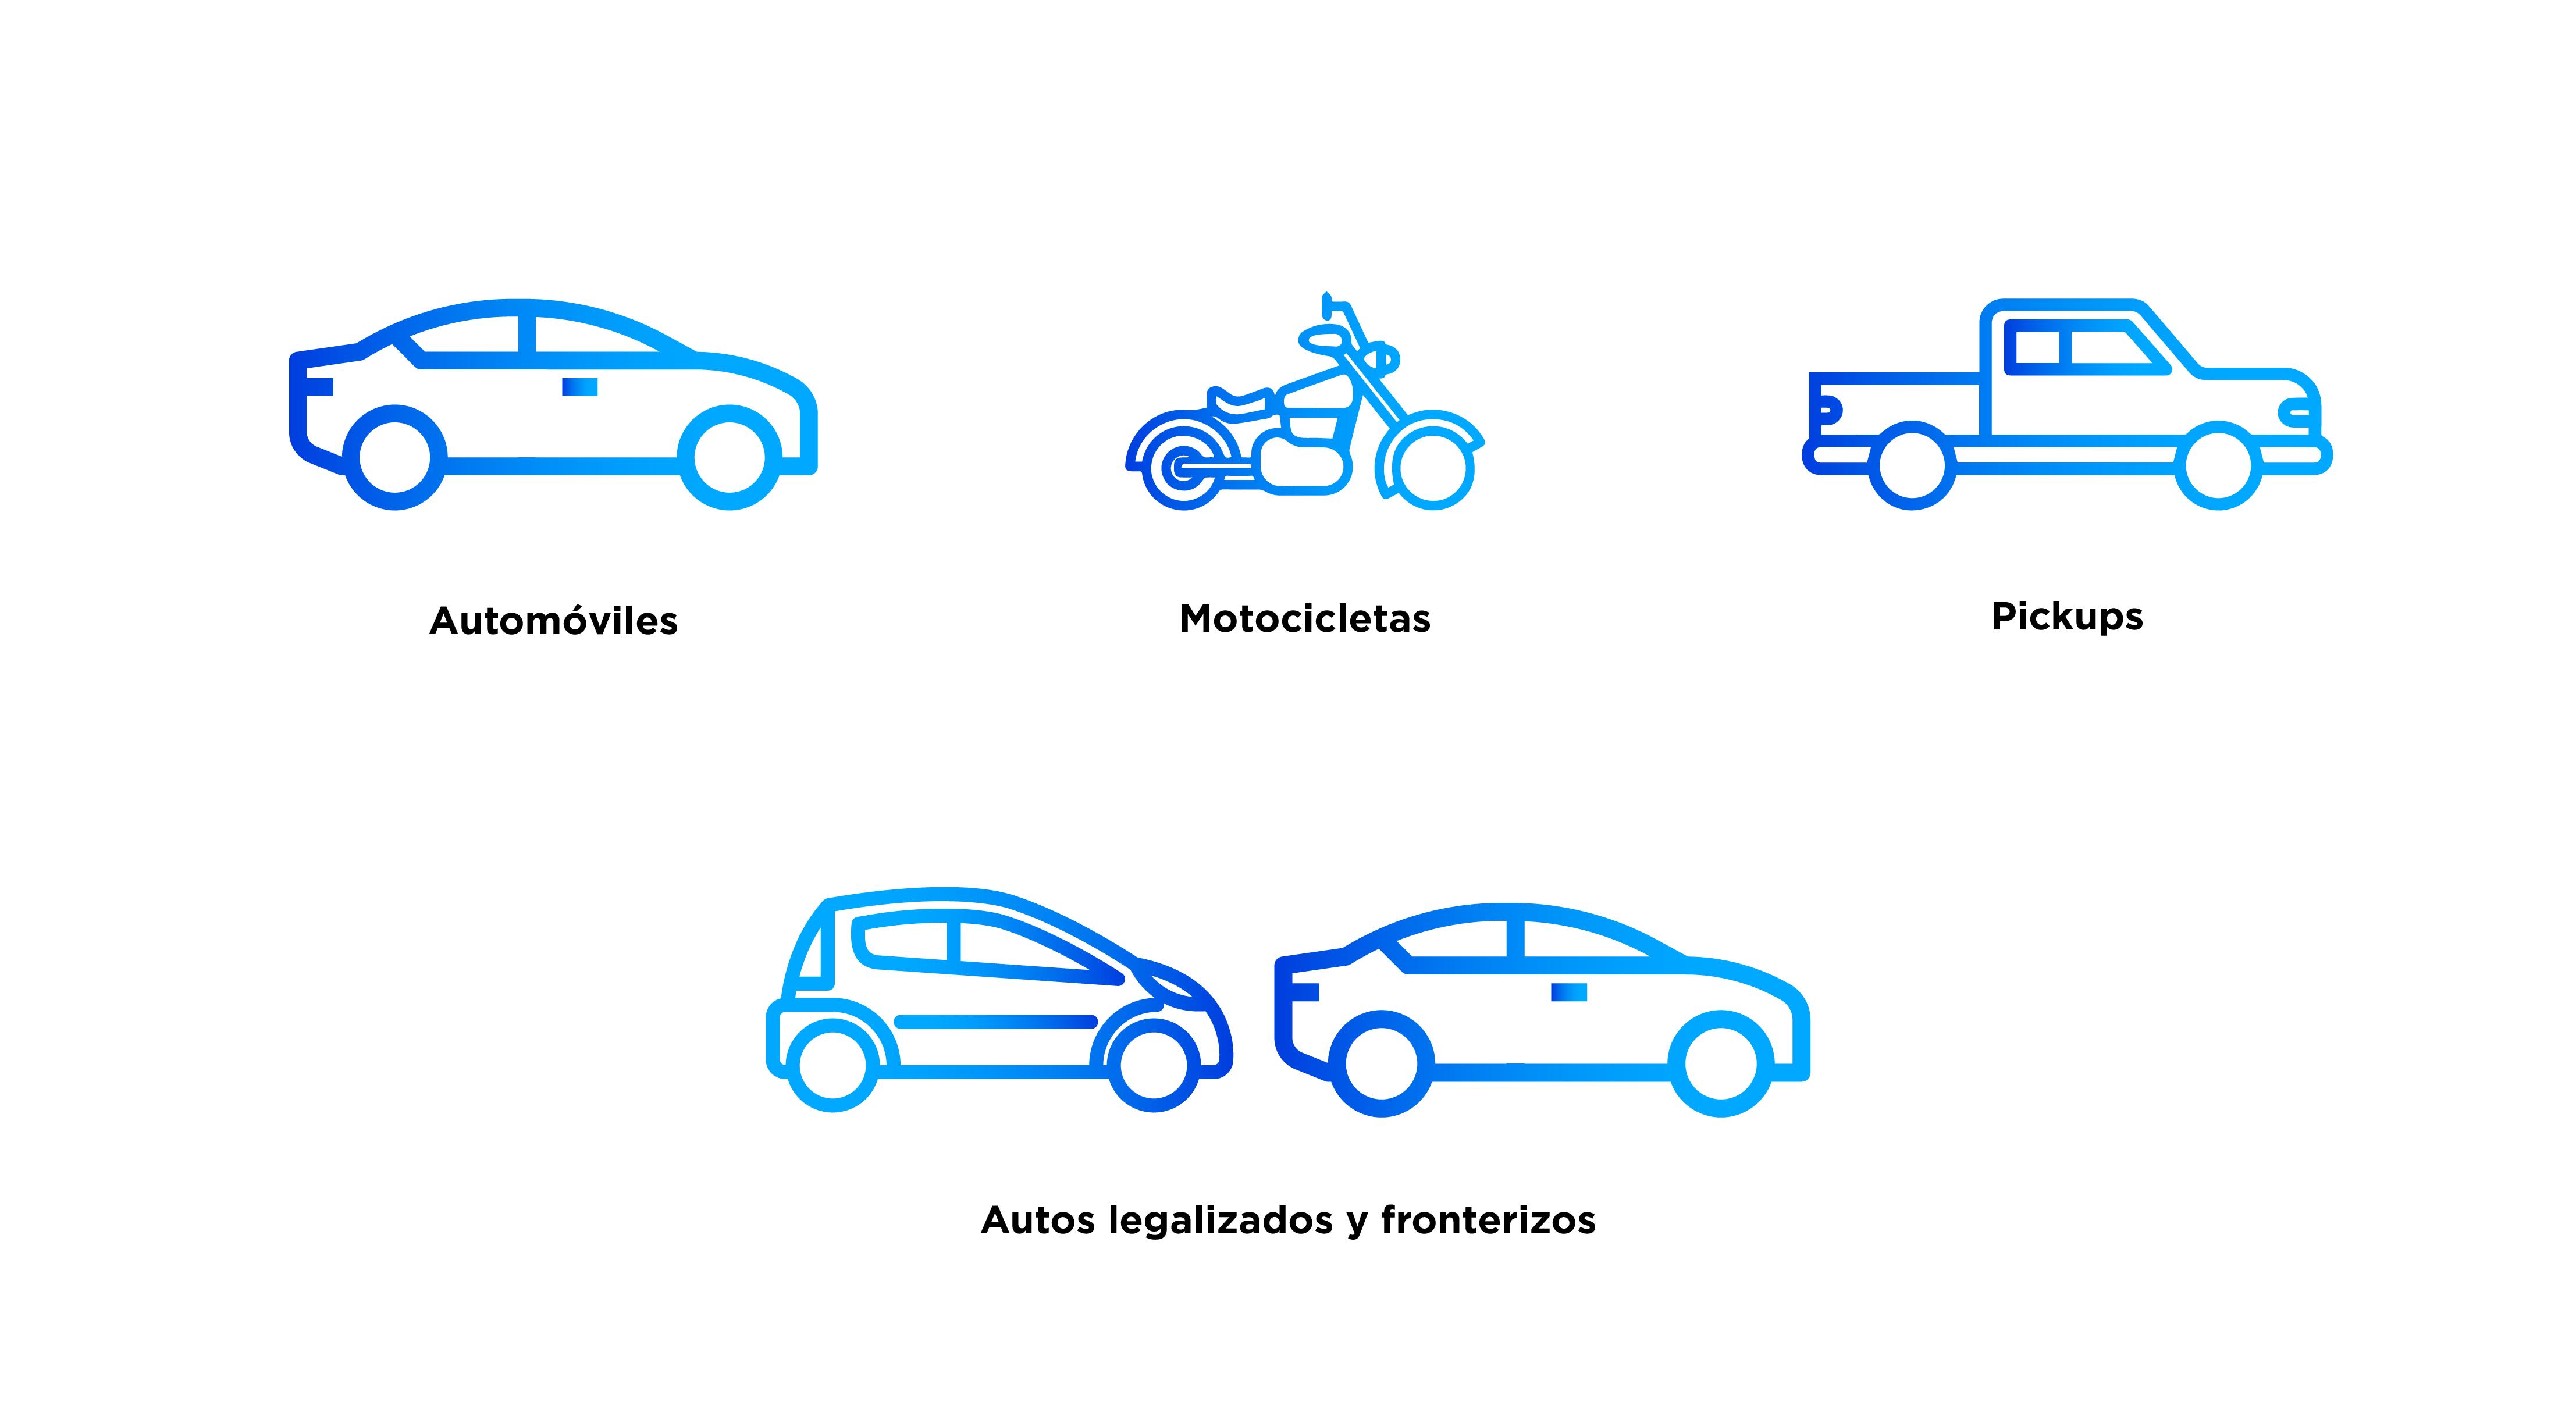 Tipos de vehículos Wibe